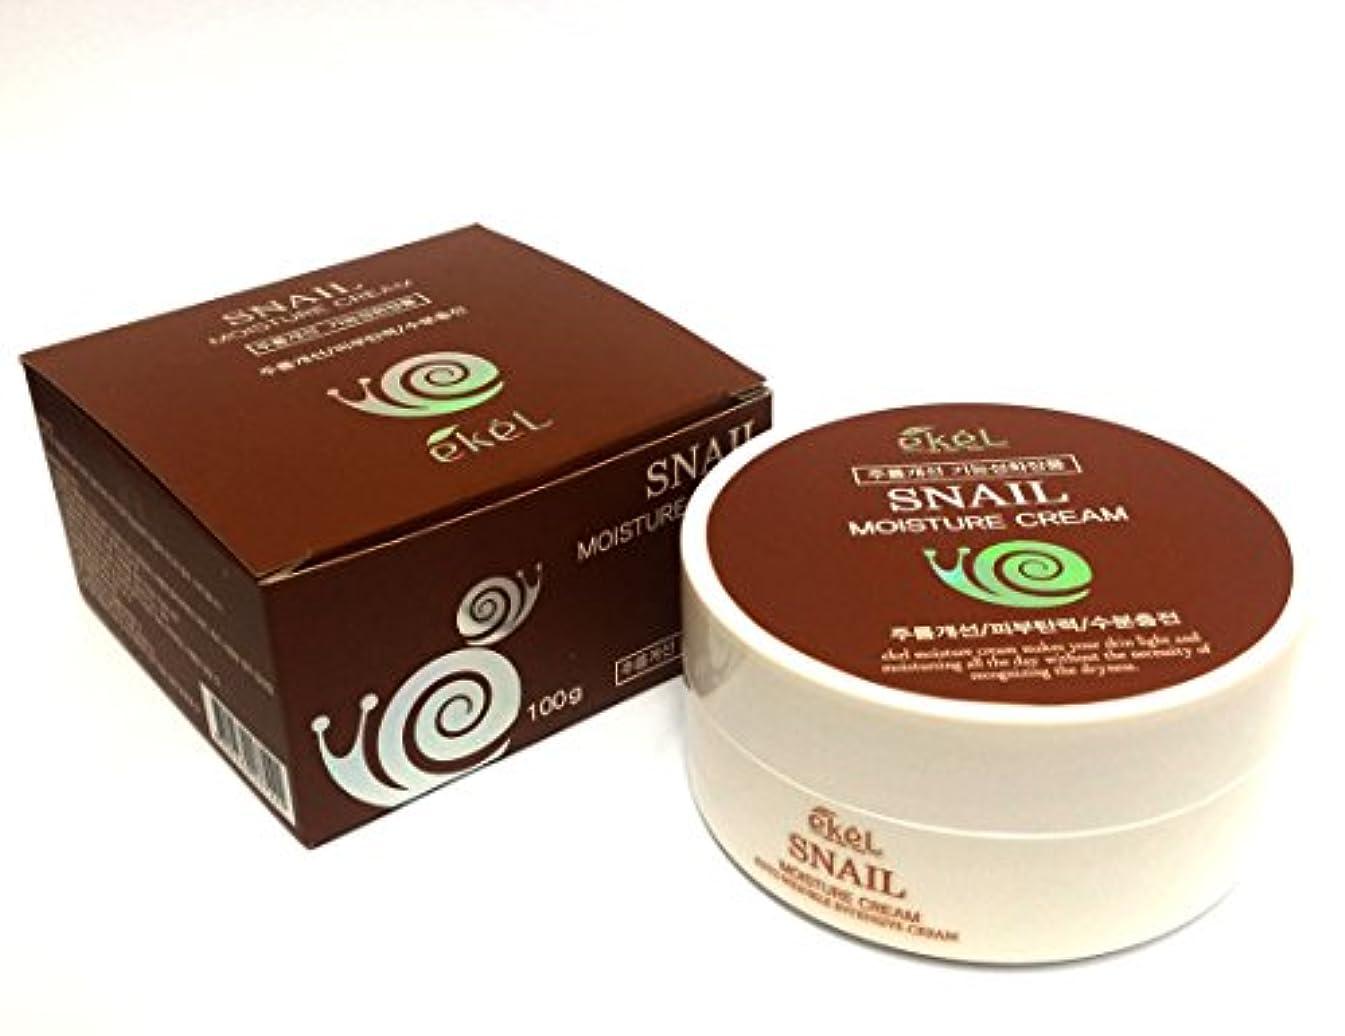 軽減する飼料かまど[ekel] スネイルモイスチャークリーム100g / Snail Moisture Cream 100g /しわ?弾力?保湿 / Wrinkle, elasticity, Moisturizing / 韓国化粧品 /...